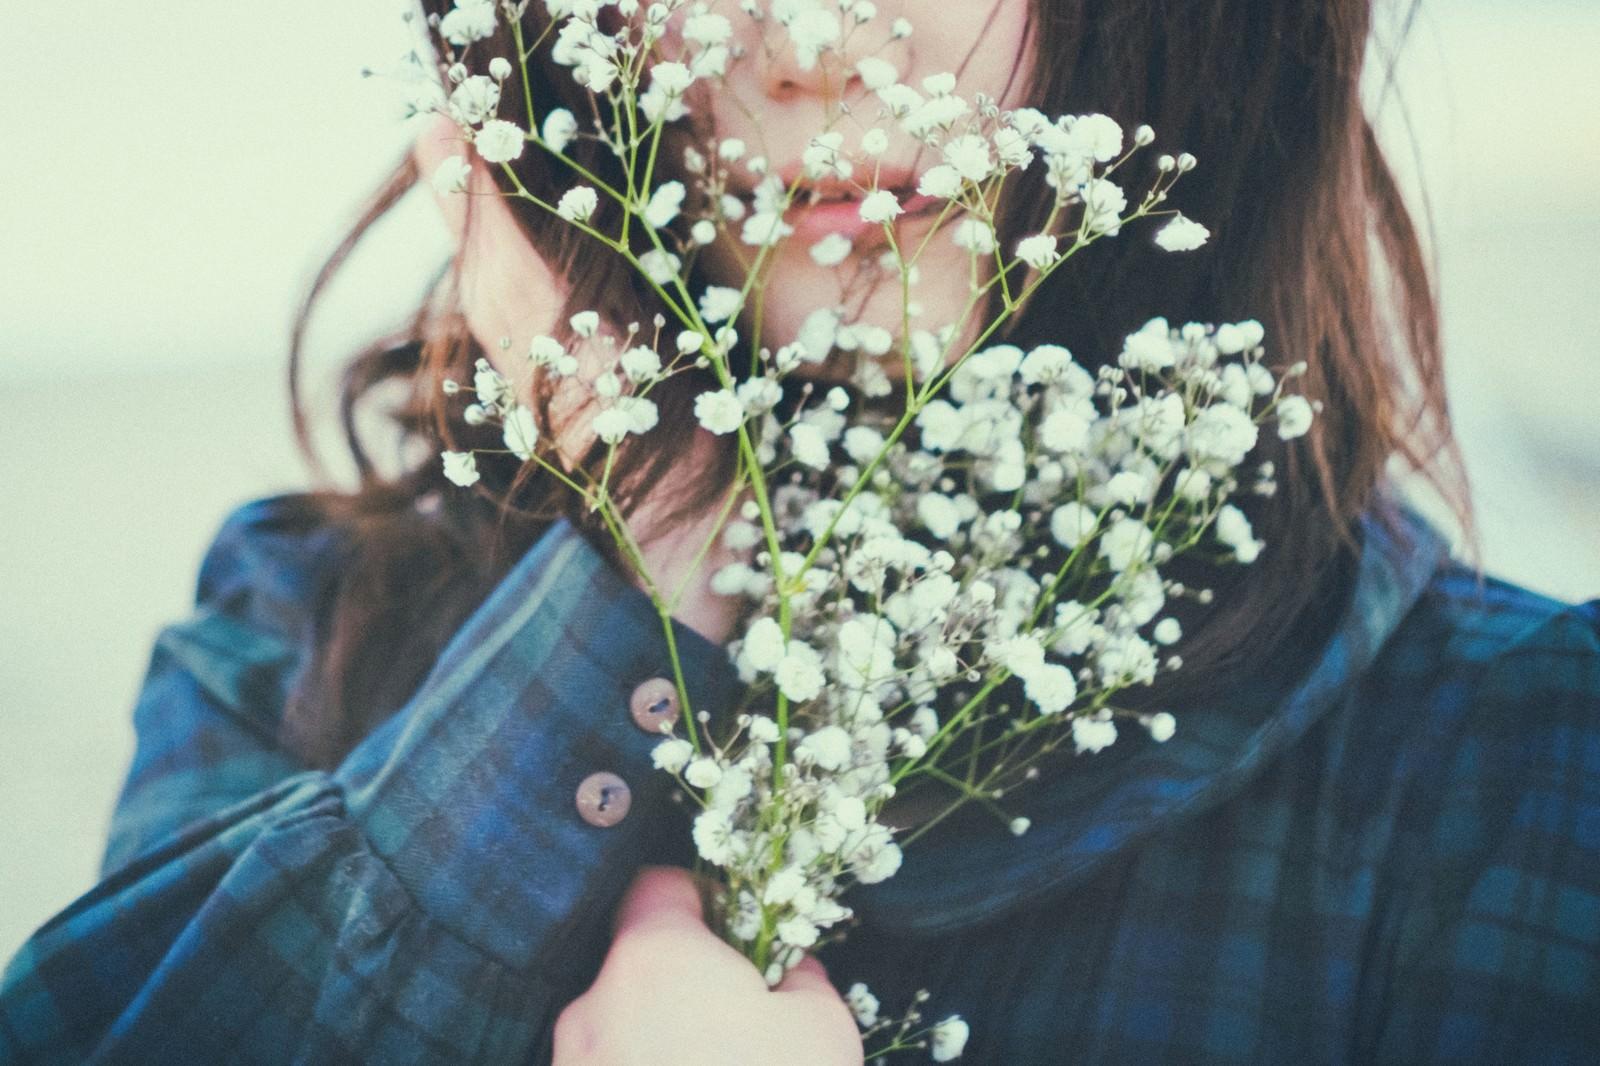 「花を握りしめた運命の女性」の写真